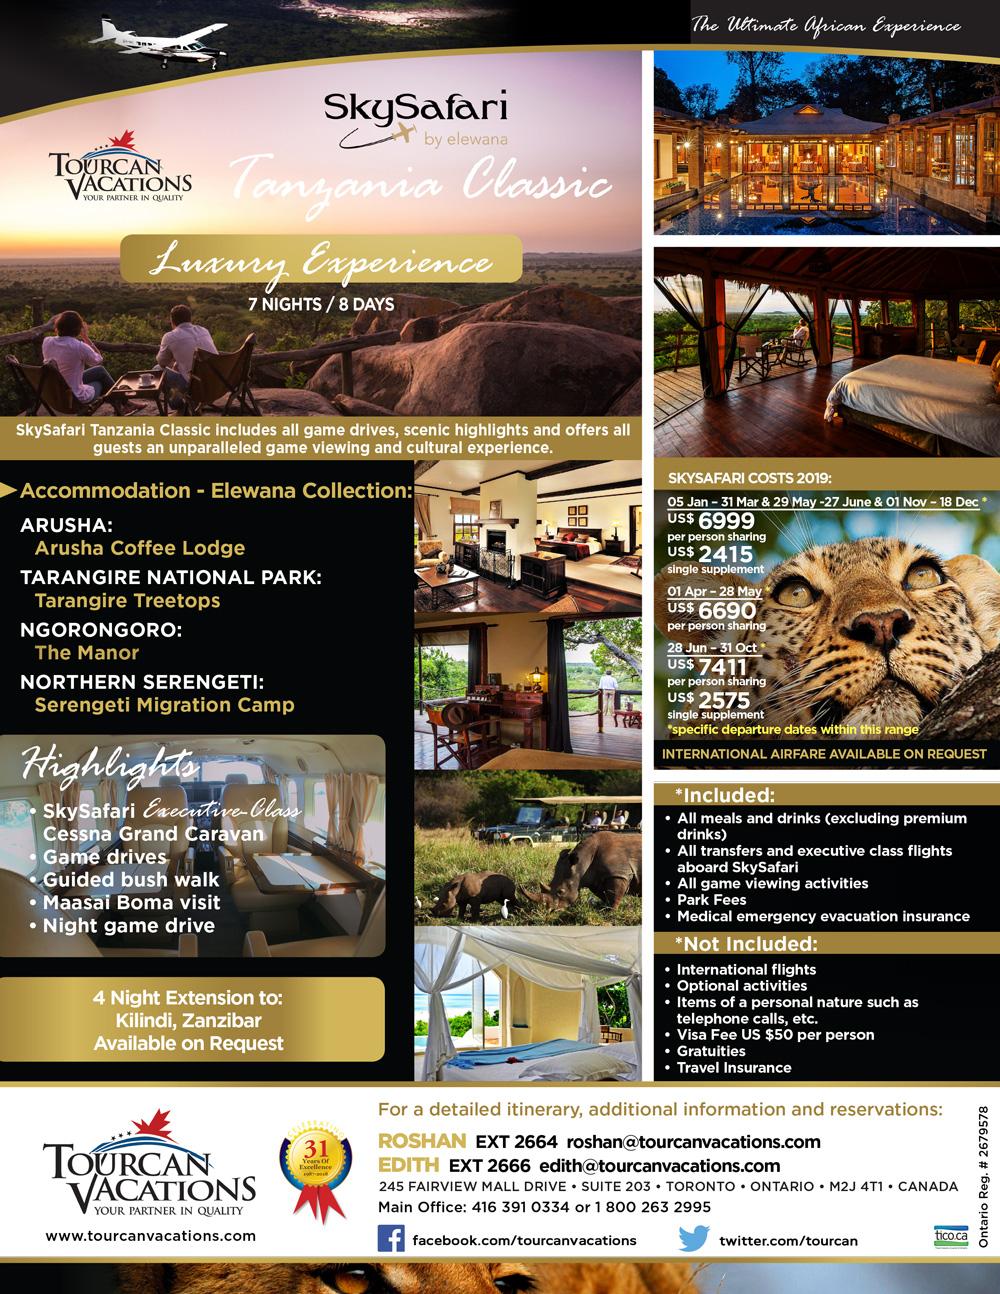 tourcan-2019-promo-africa-tanzania-skysafari-luxury-WEB